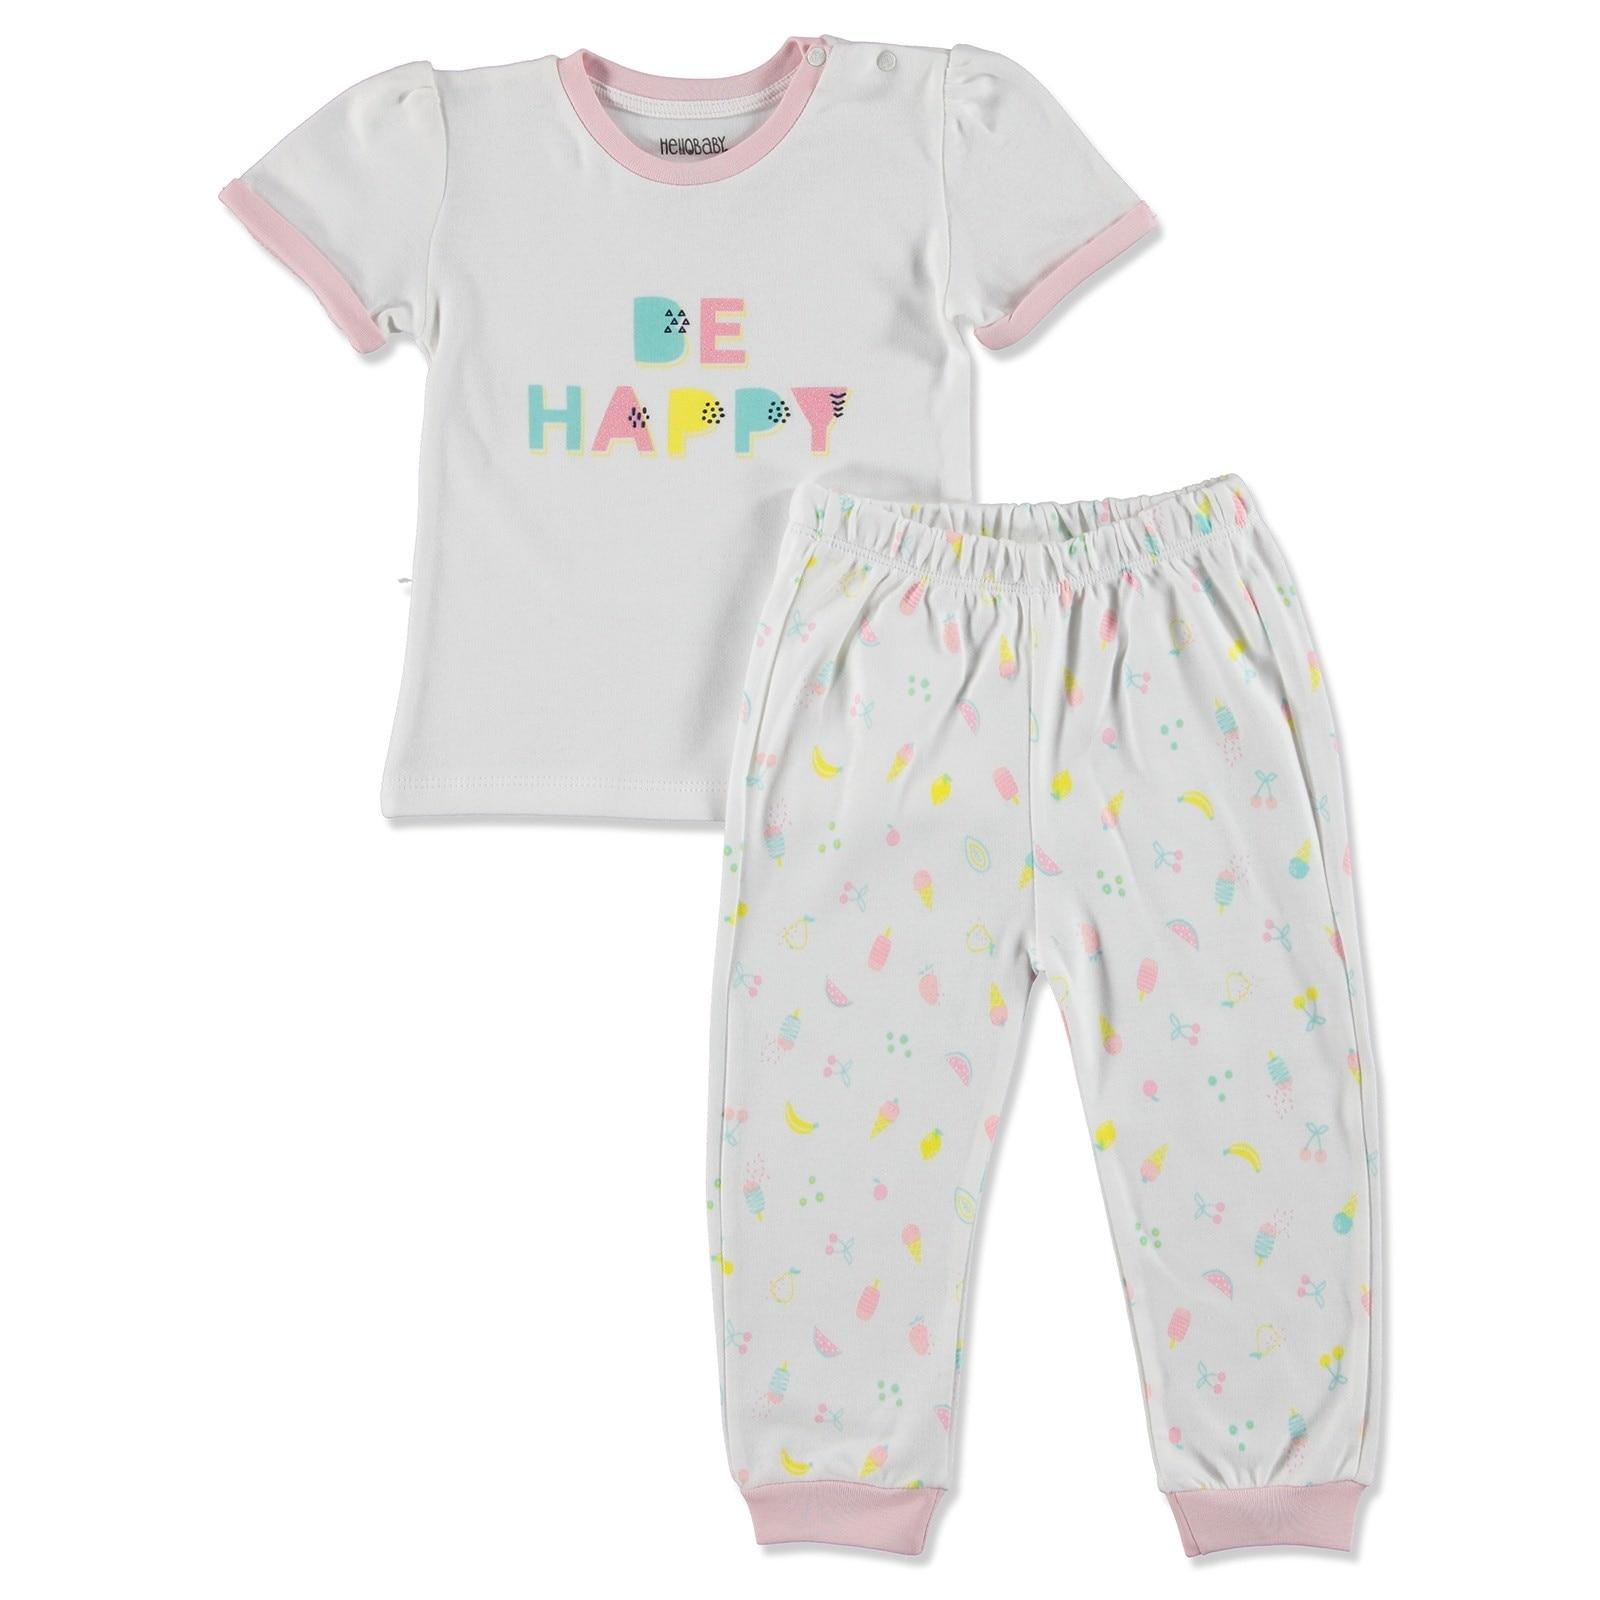 Ebebek HelloBaby Summer Baby Sweet Fruits Pyjamas Set